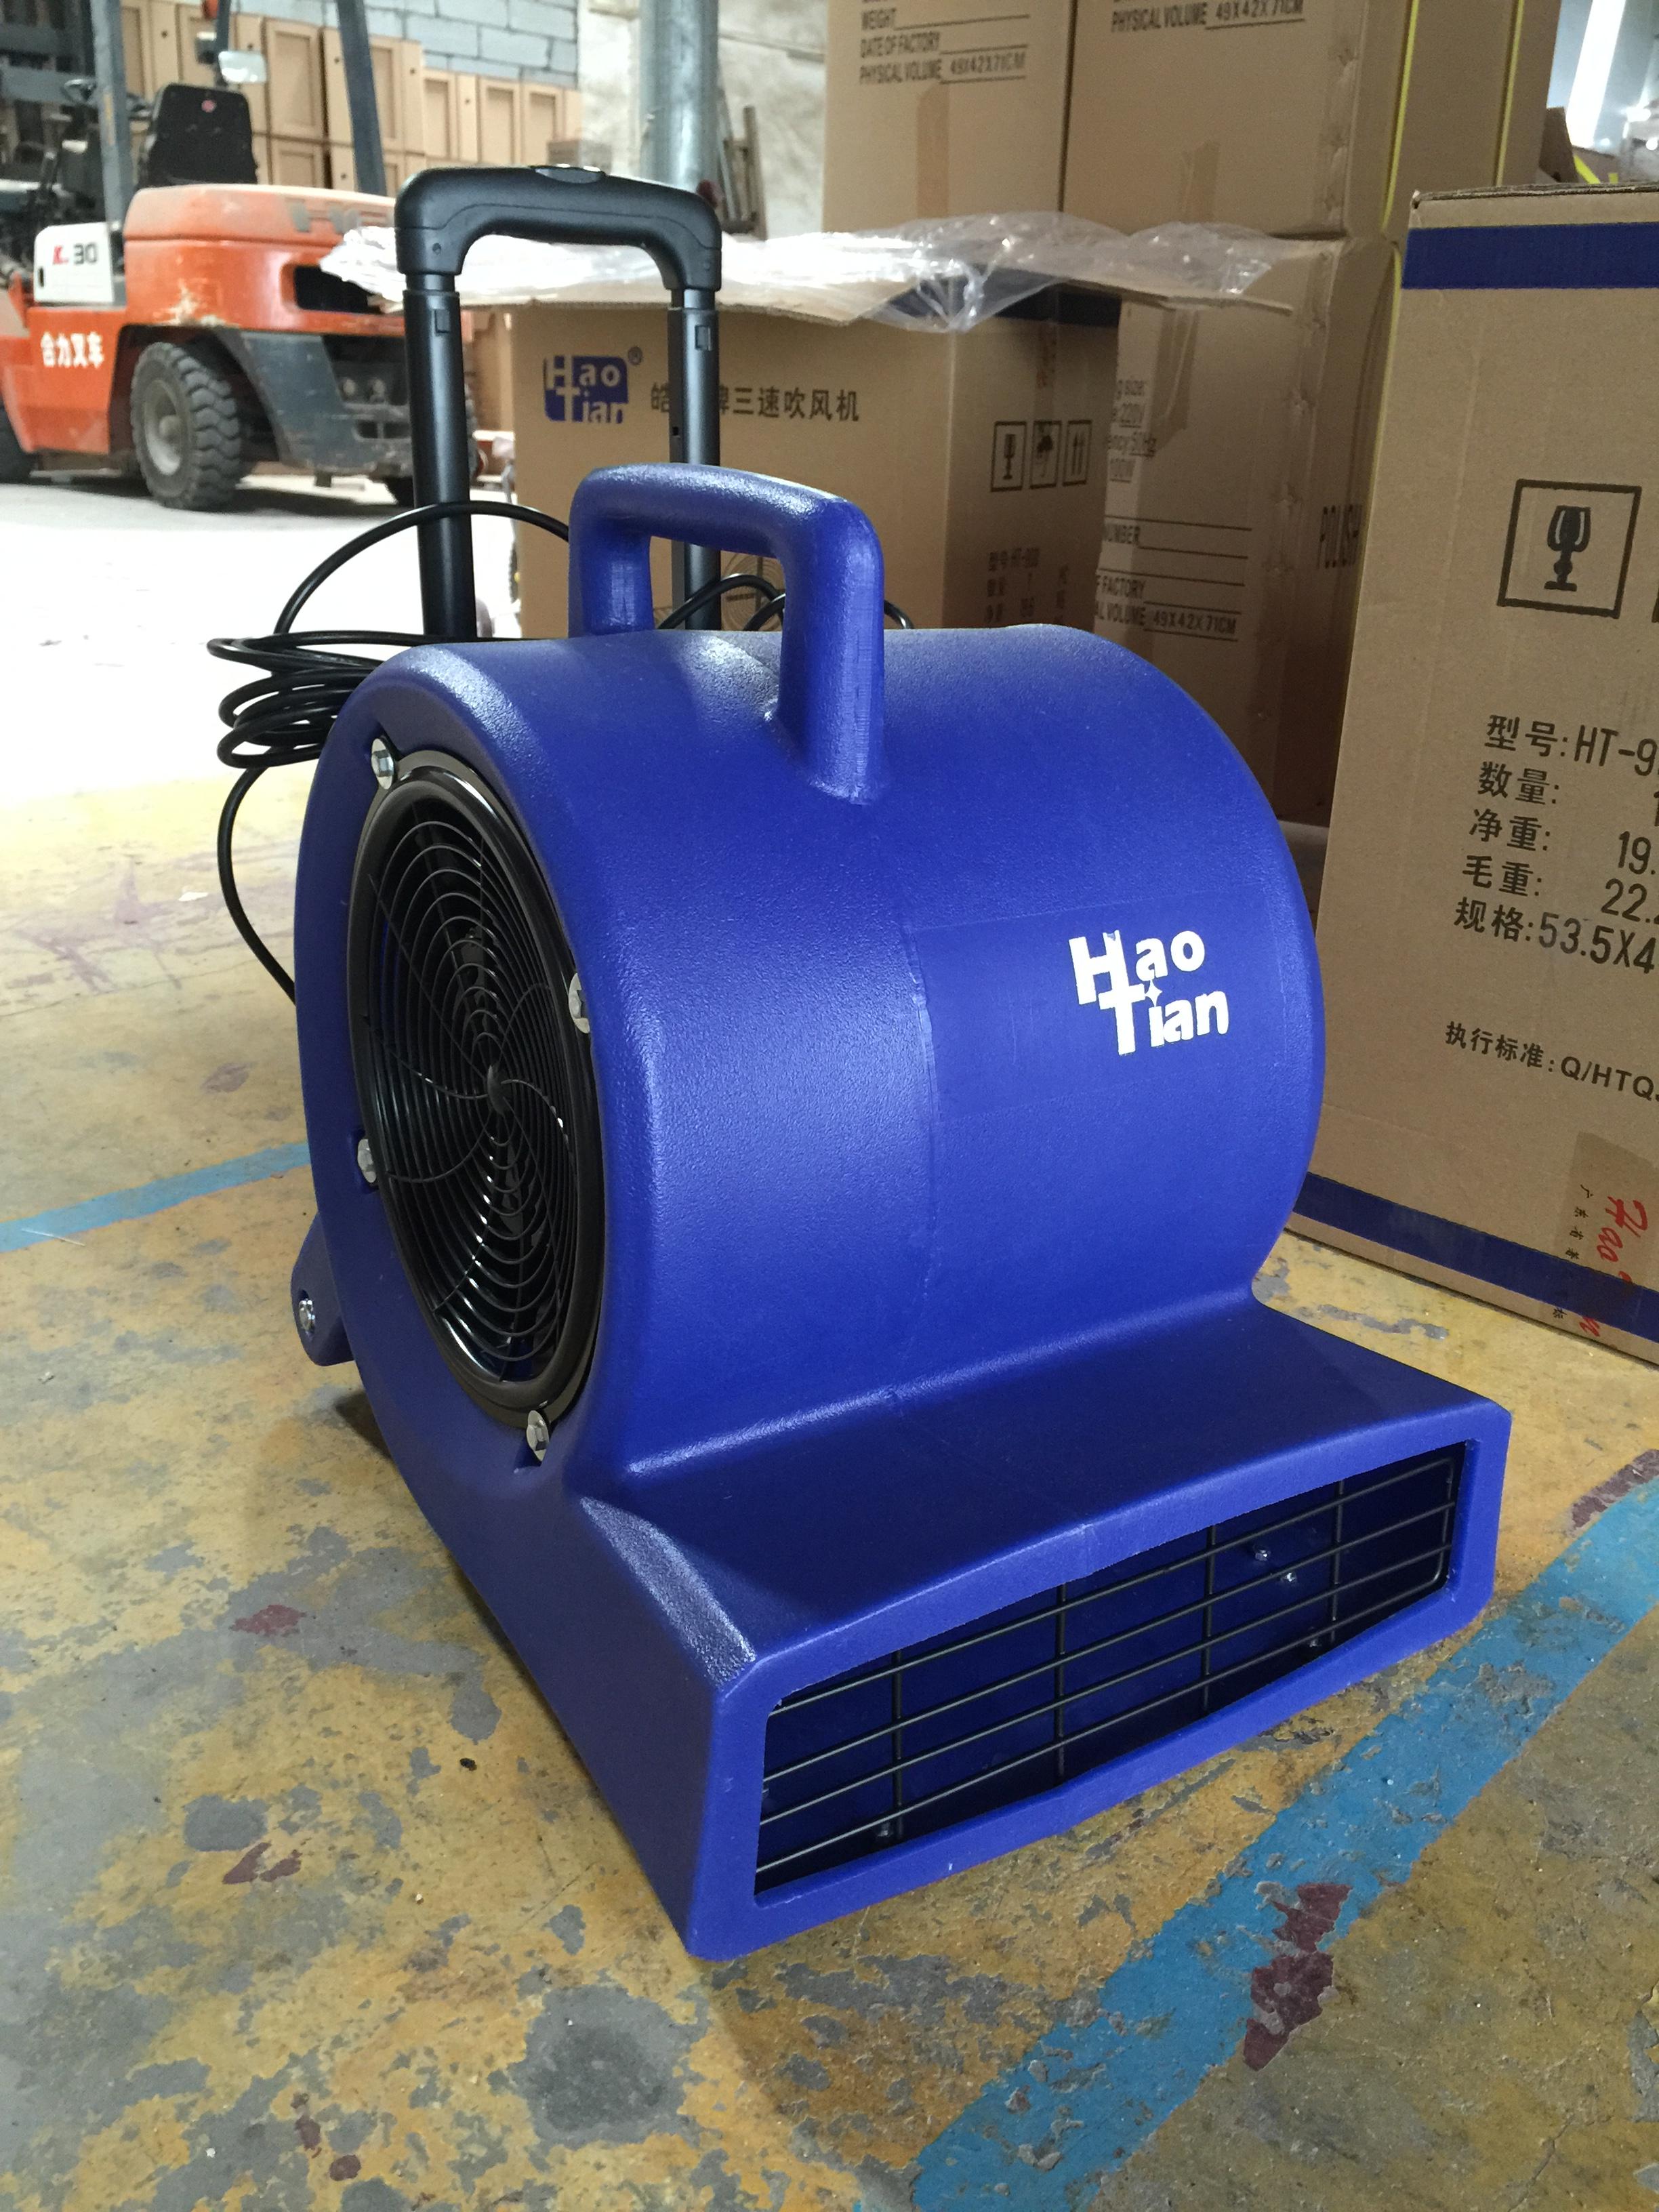 皓天HT-900三速 吹风机 涡轮三速鼓风拉杆地毯地面 吹地机 抽湿机